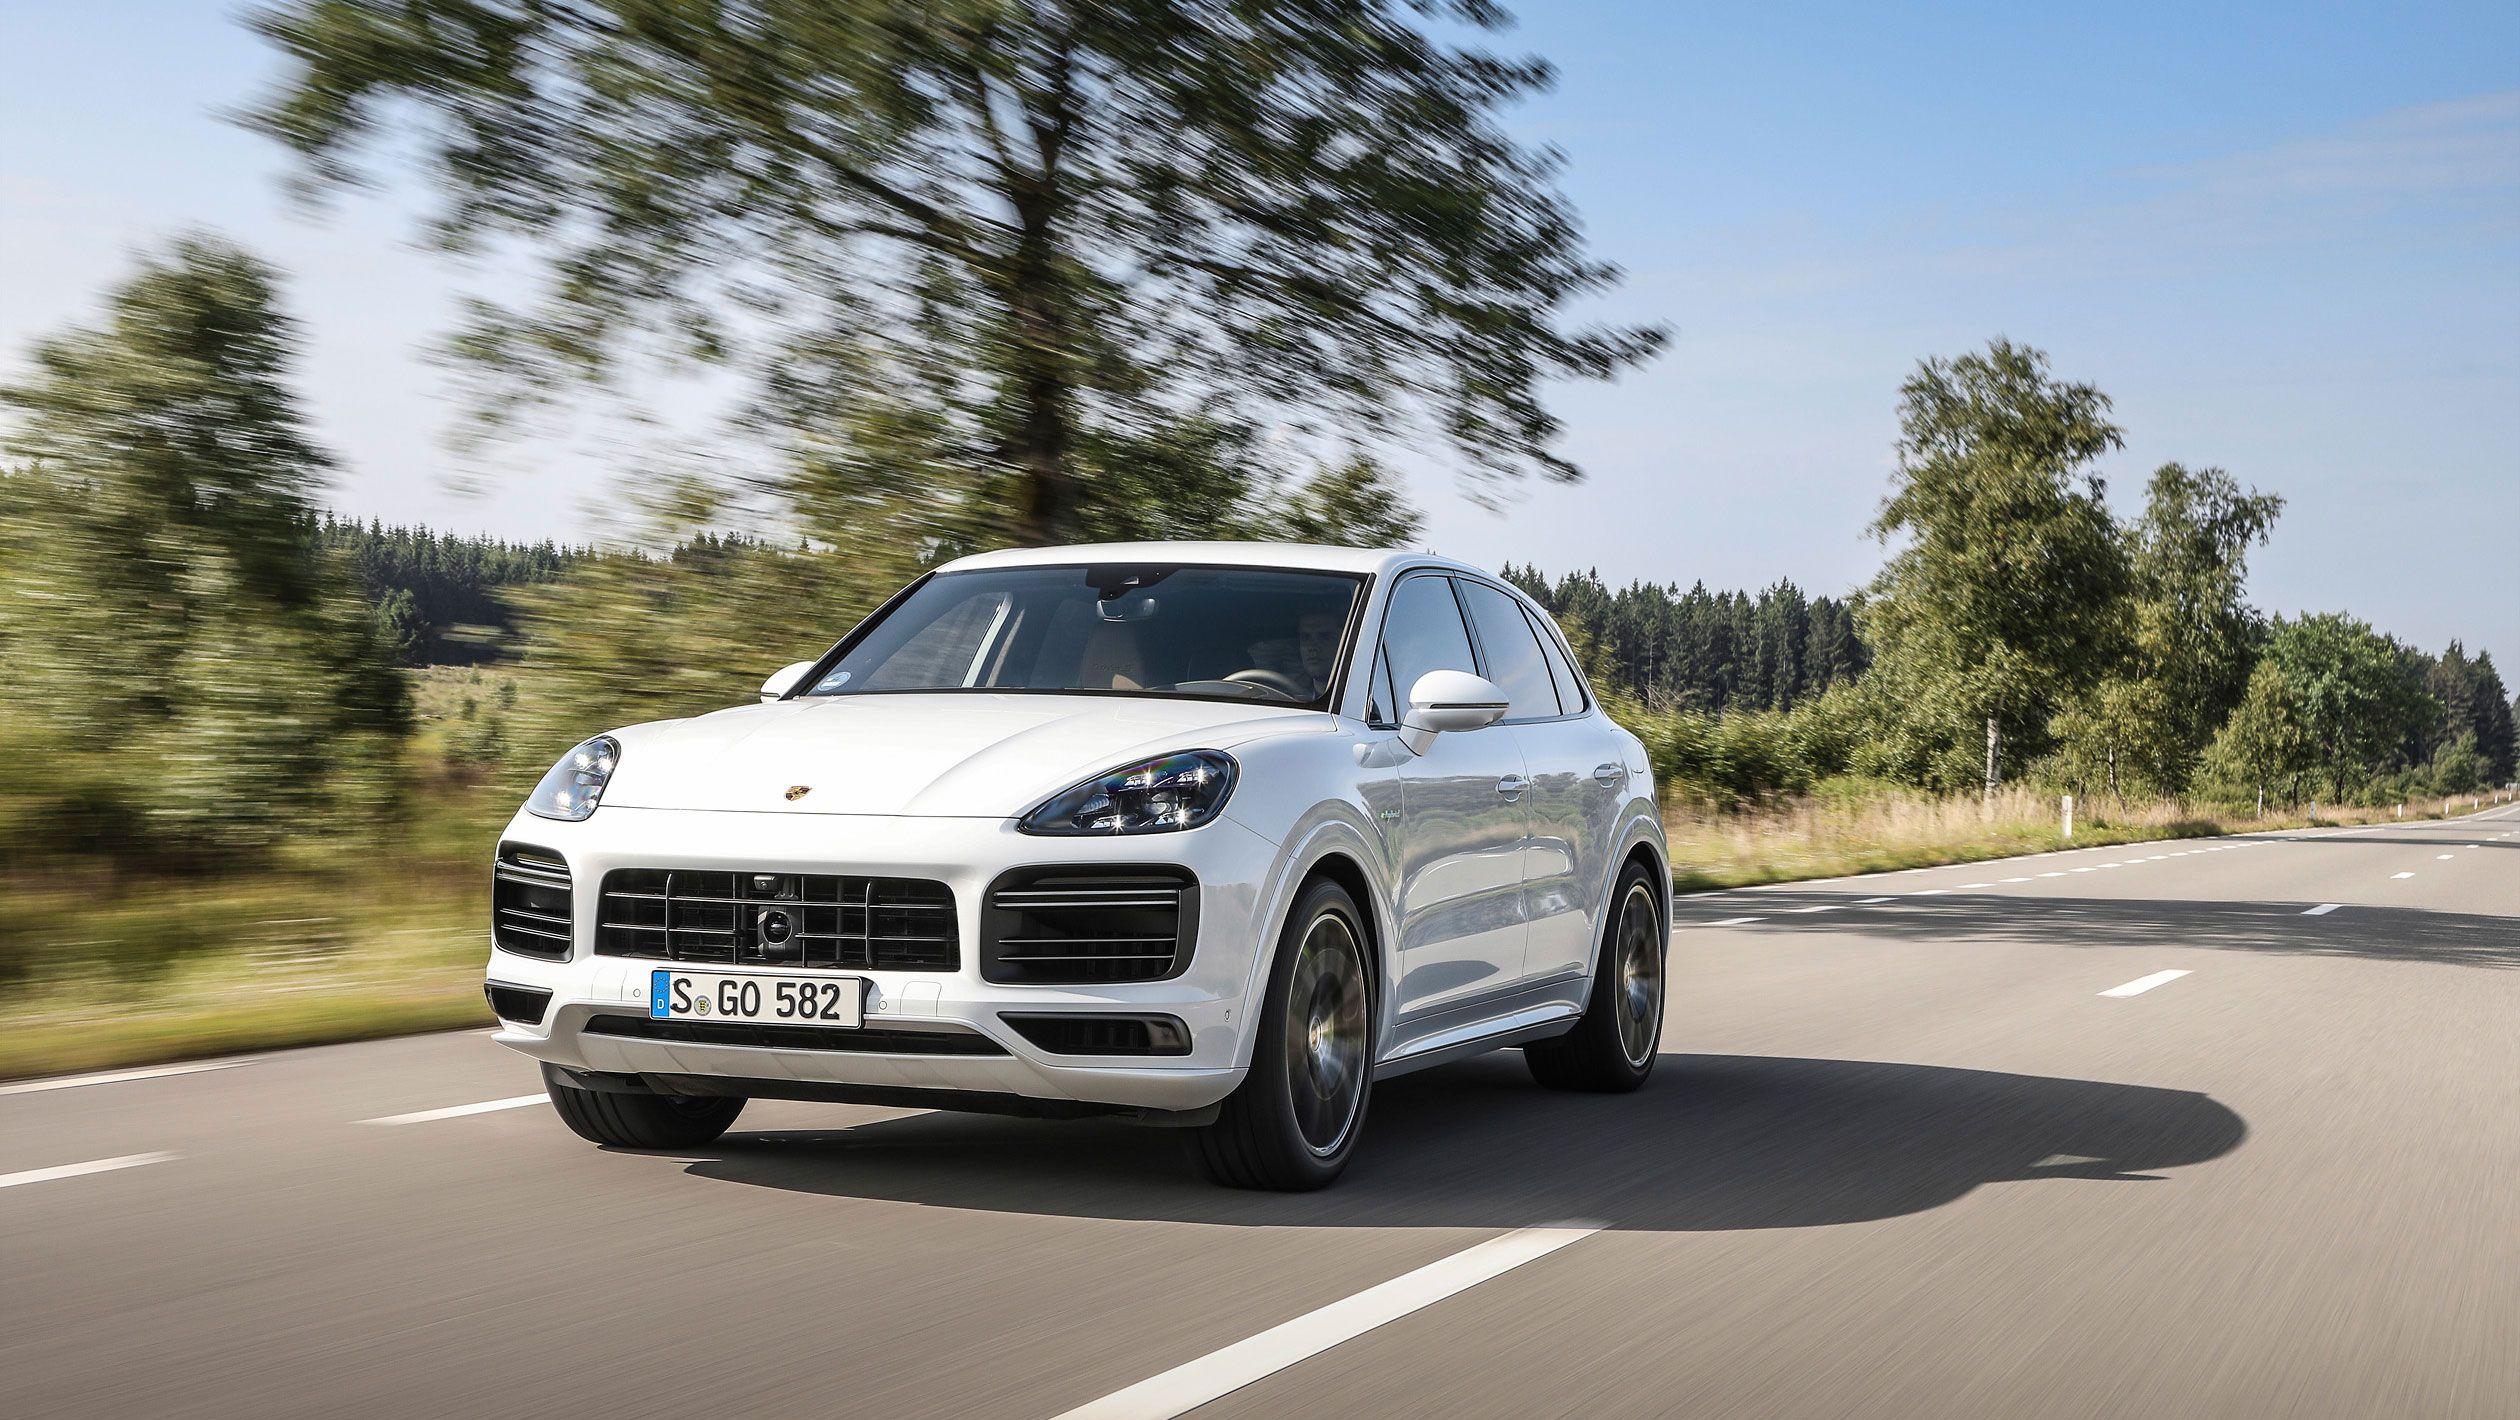 2020 Porsche Cayenne Turbo S E Hybrid Tops The Range With 670 Horsepower Top Speed Cayenne Turbo Porsche Cayenne Porsche